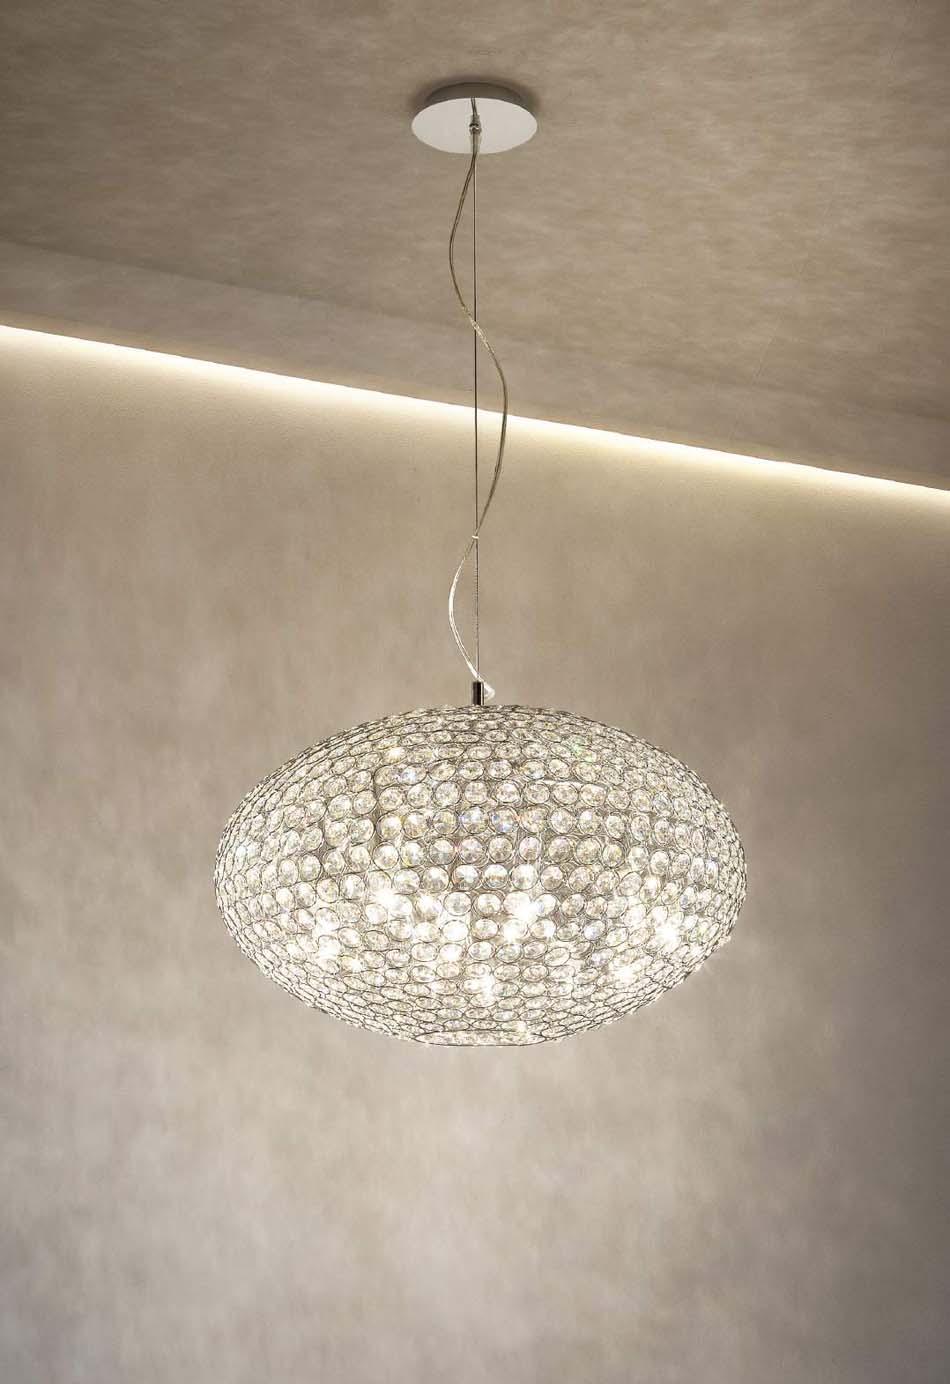 Lampade sospese Ideal Lux Orion – Toscana Arredamenti